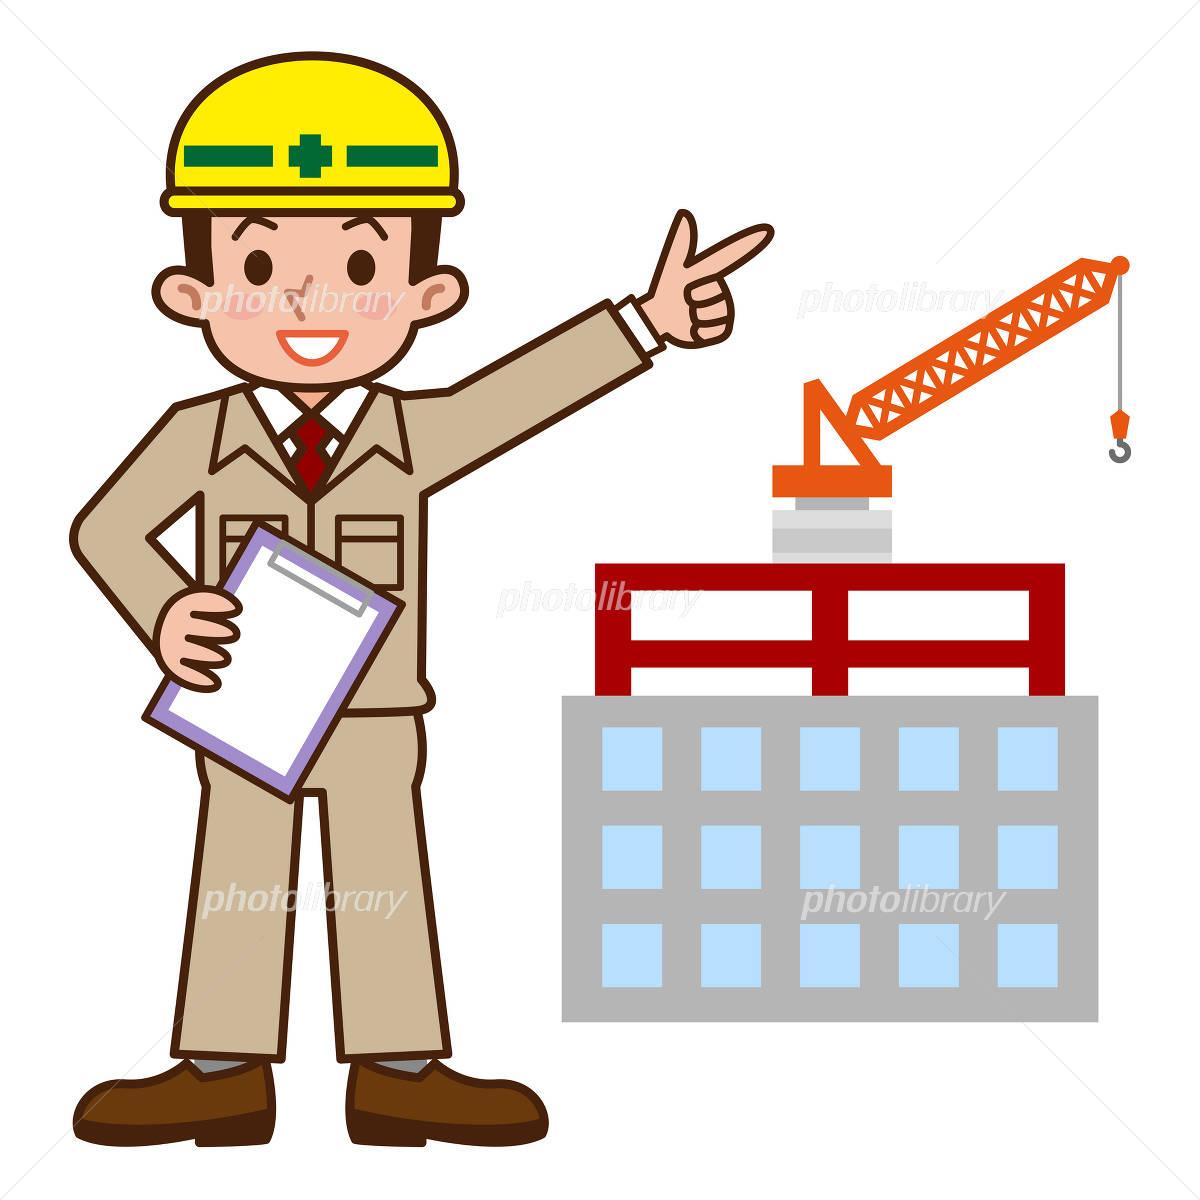 建設現場と現場監督 写真素材 建設現場と現場監督 イラスト素材 フォトライブラリー ID:264